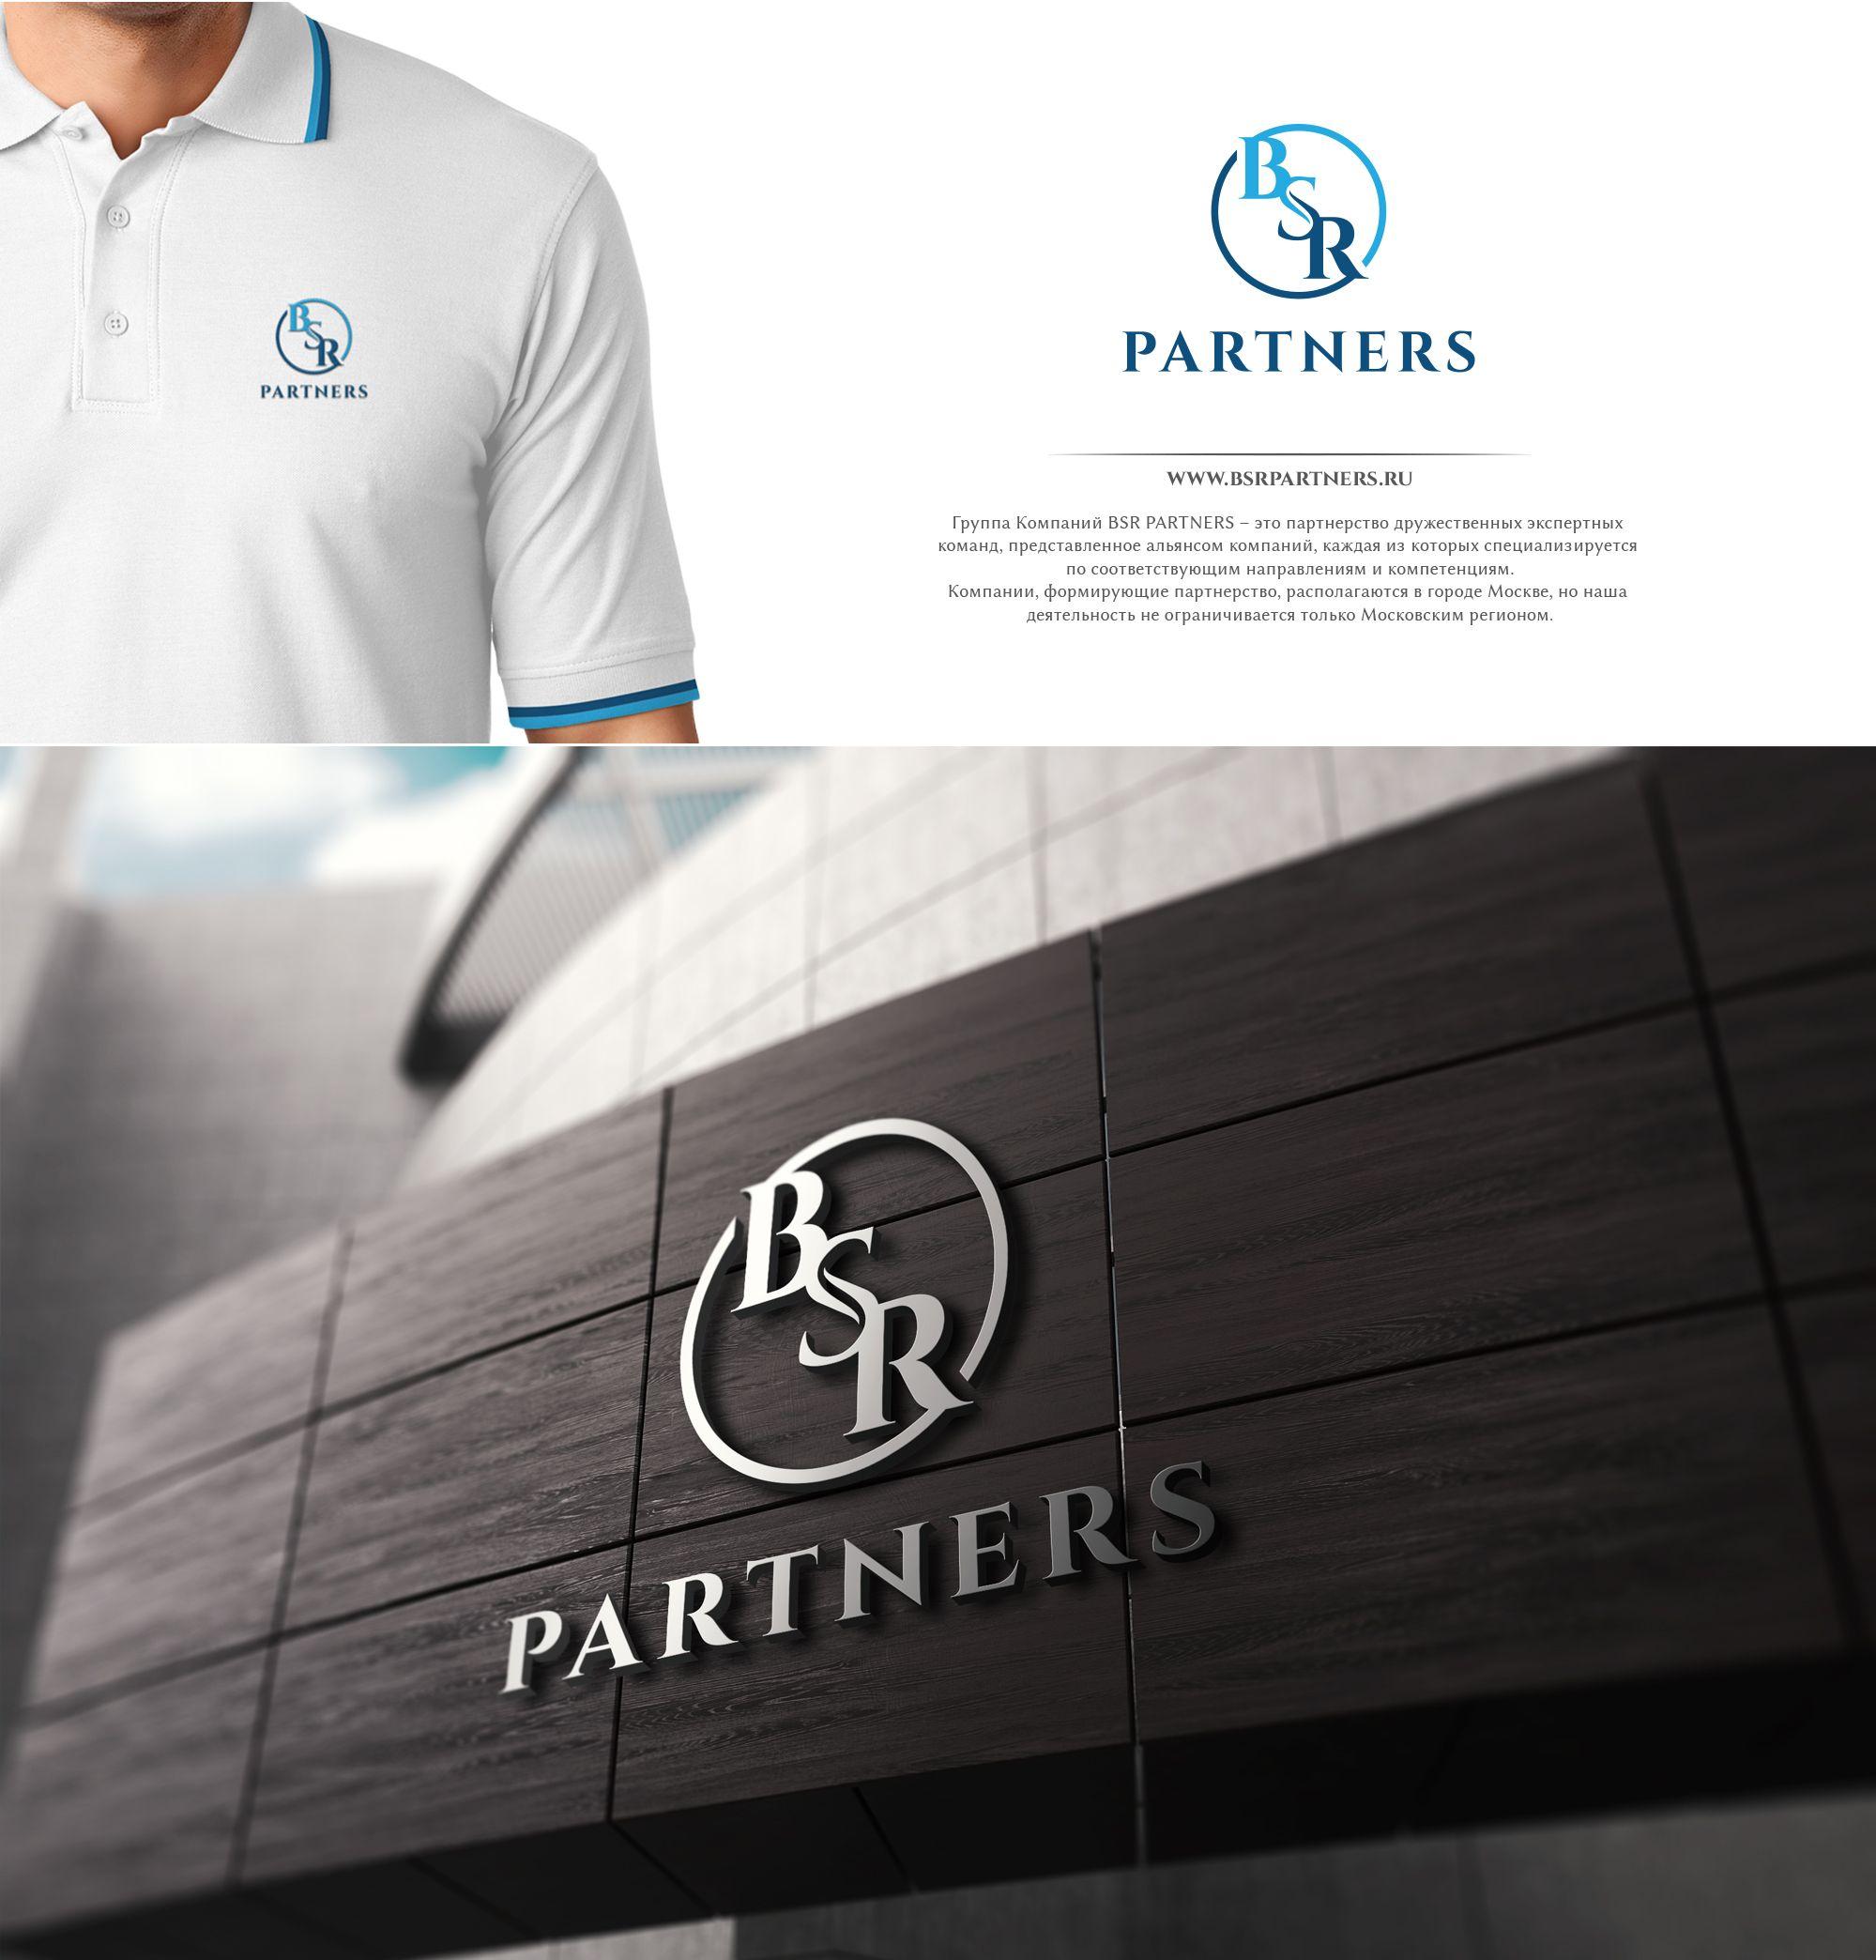 Лого и фирменный стиль для BSR Partners - дизайнер U4po4mak